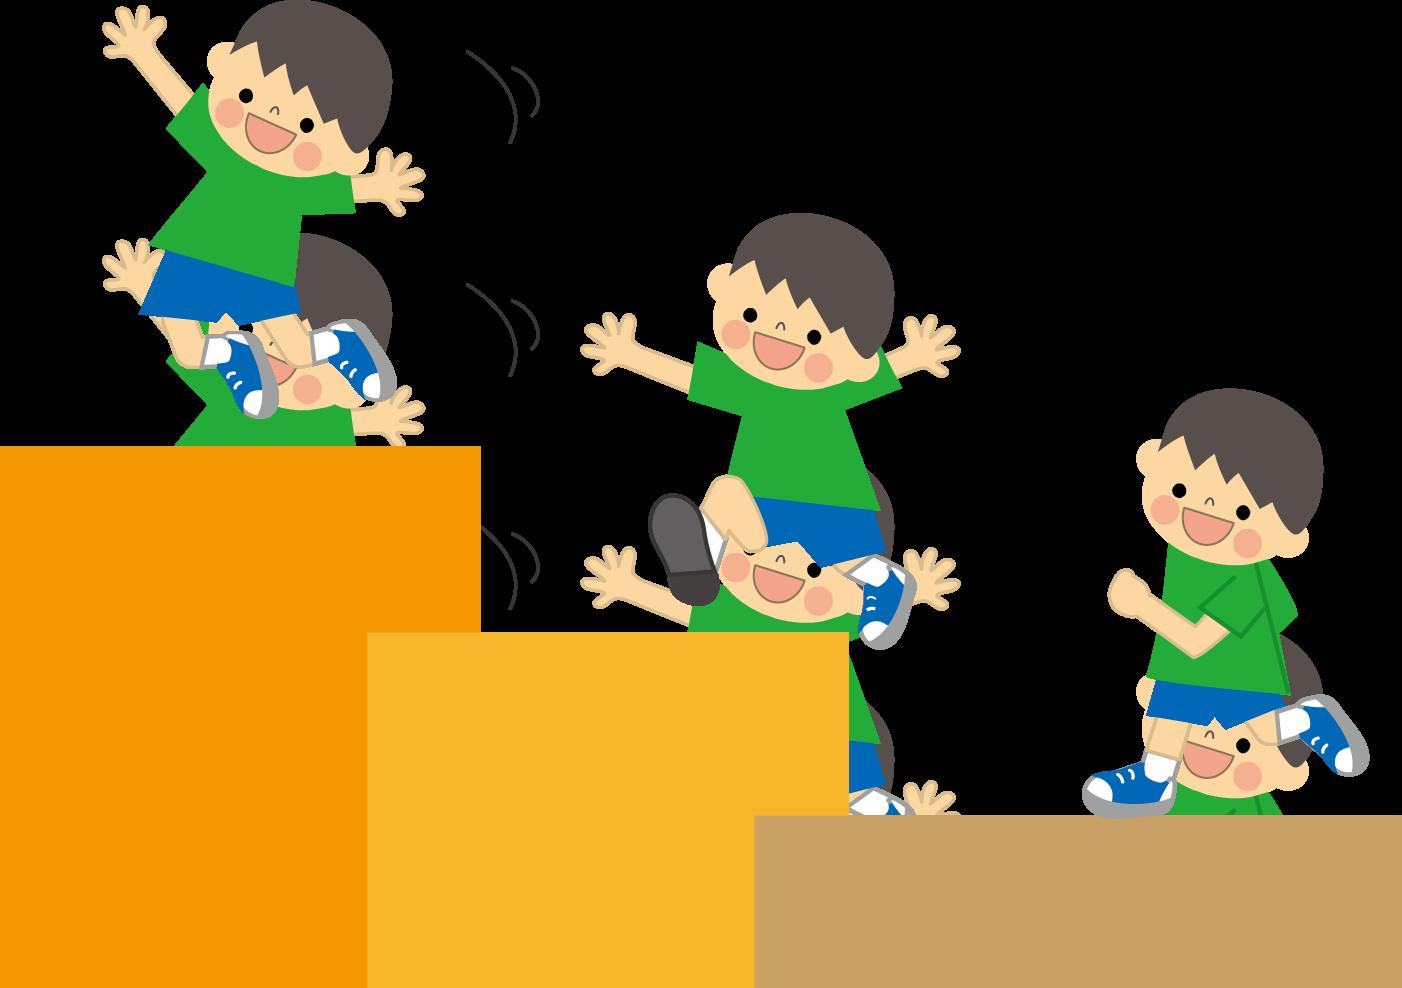 「子供 成長 無料 イラスト」の画像検索結果